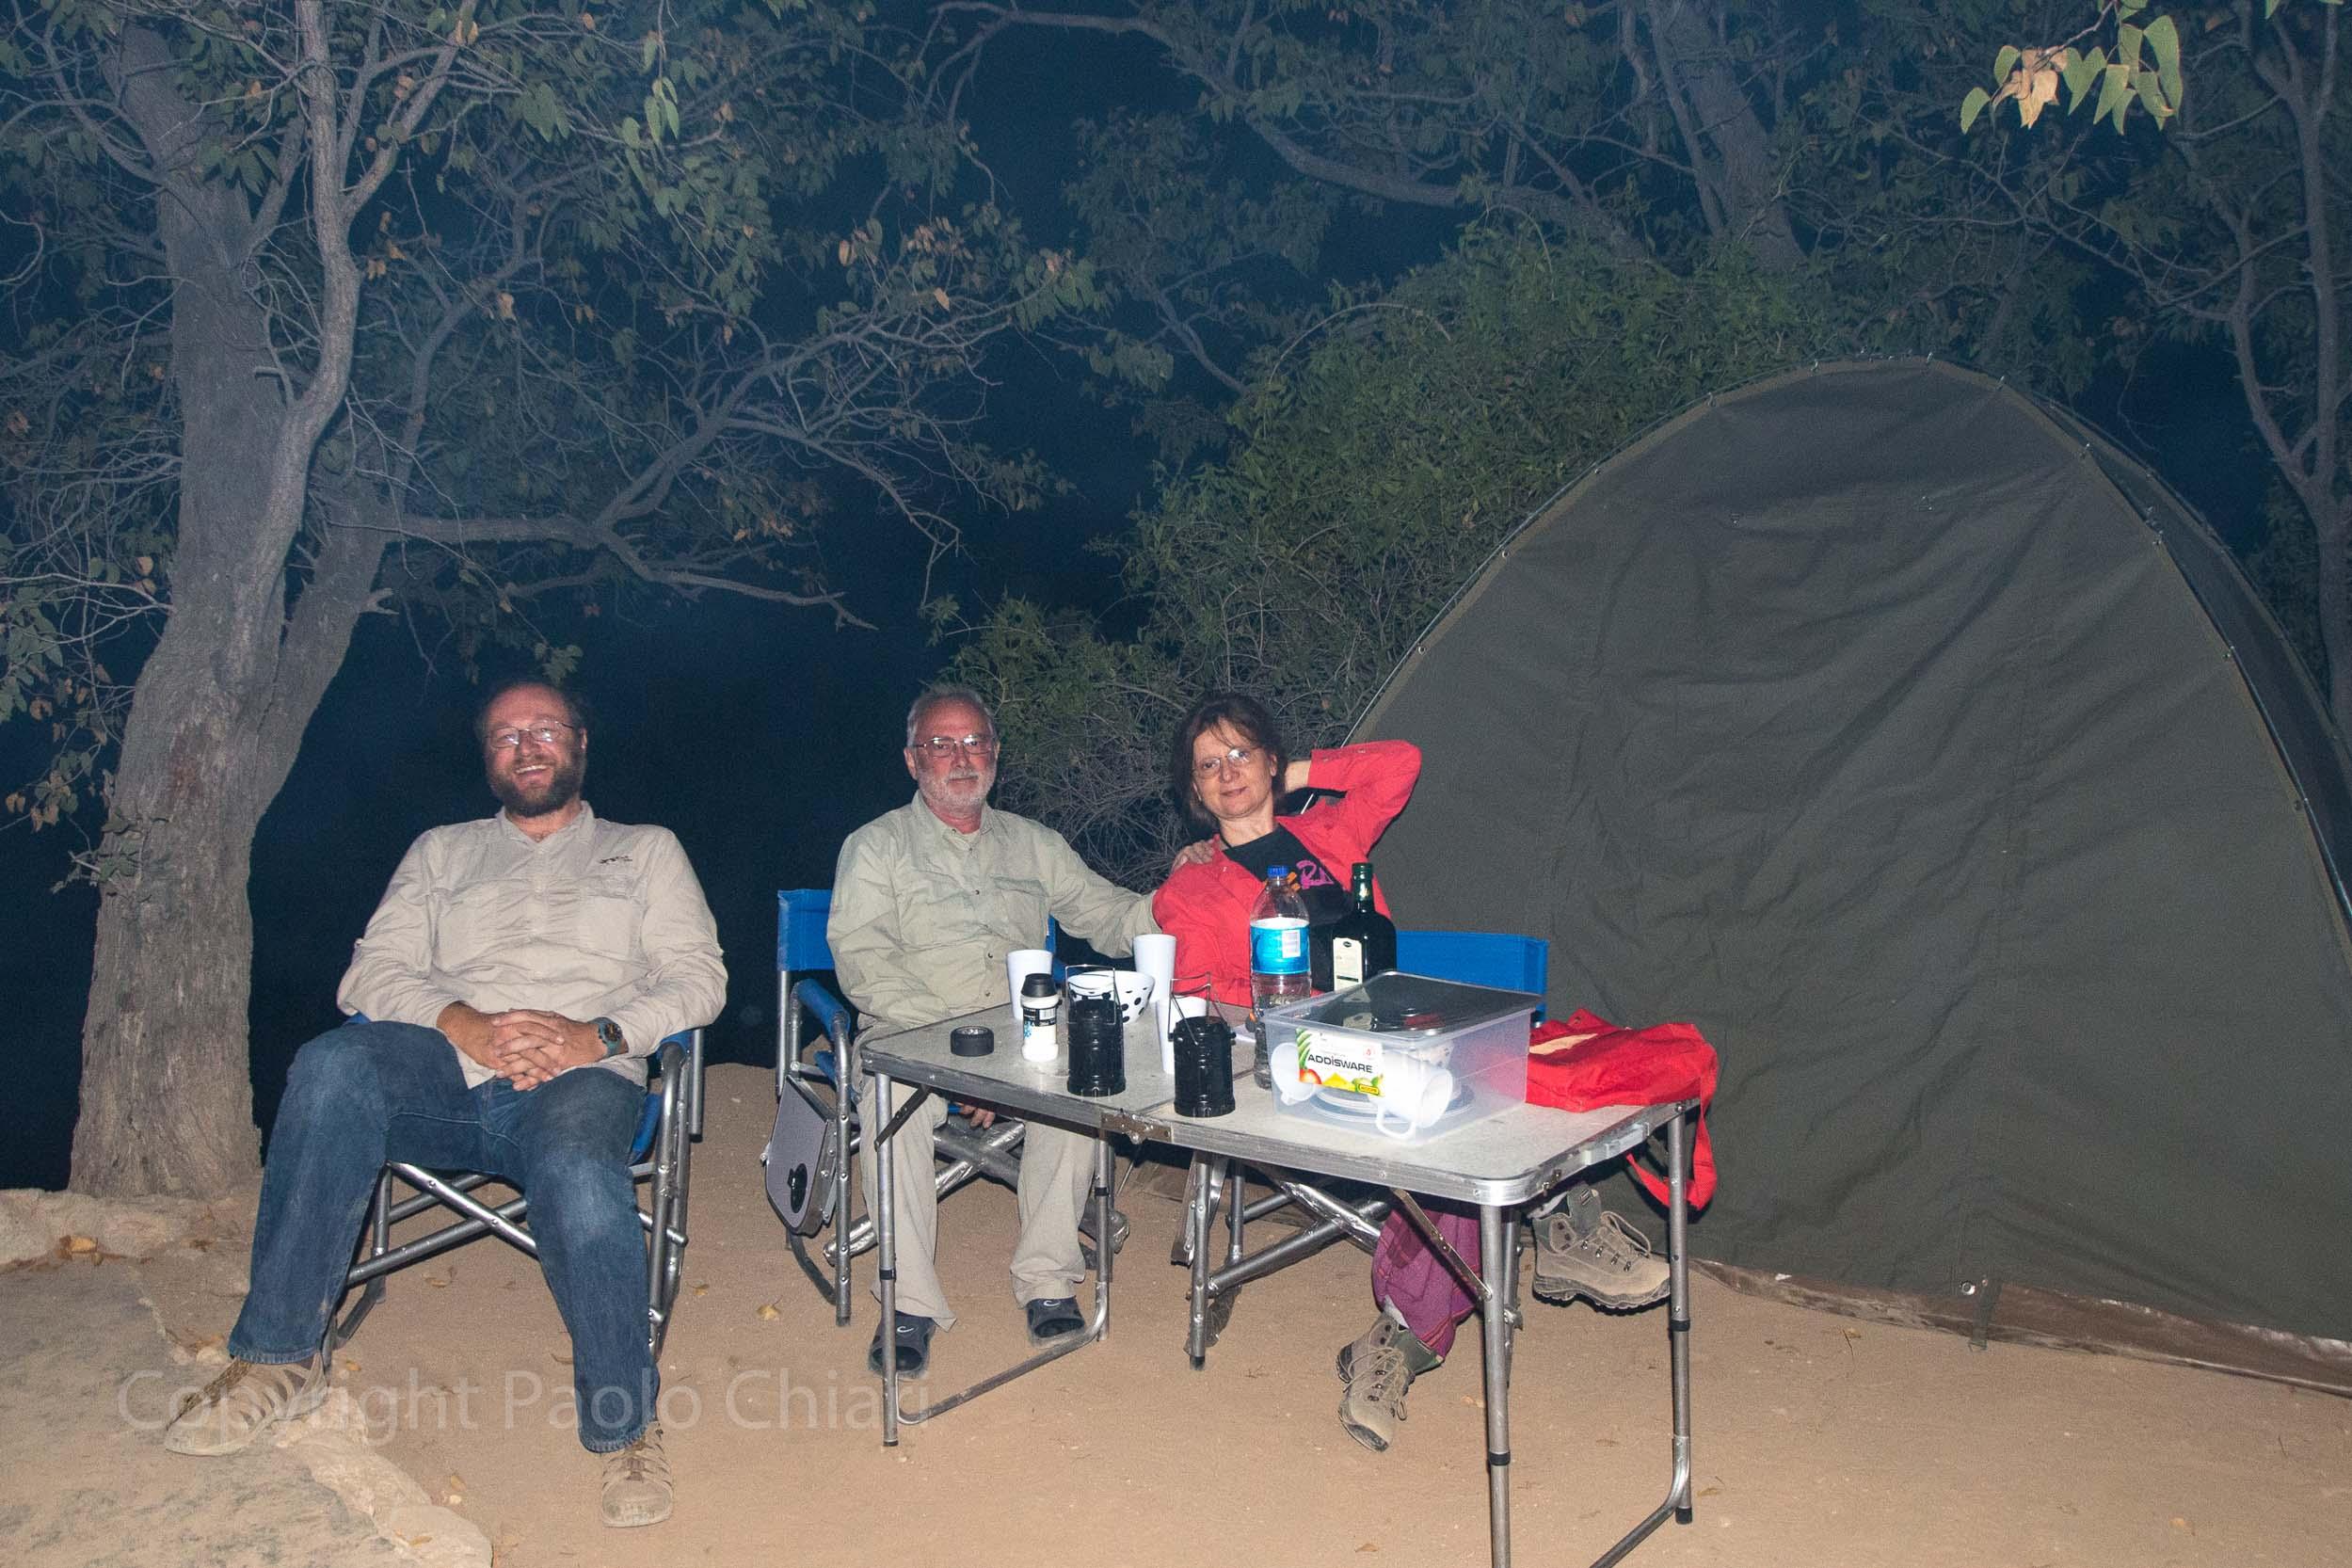 Davanti alla tenda: Emanuele, Paolo e Patrizia